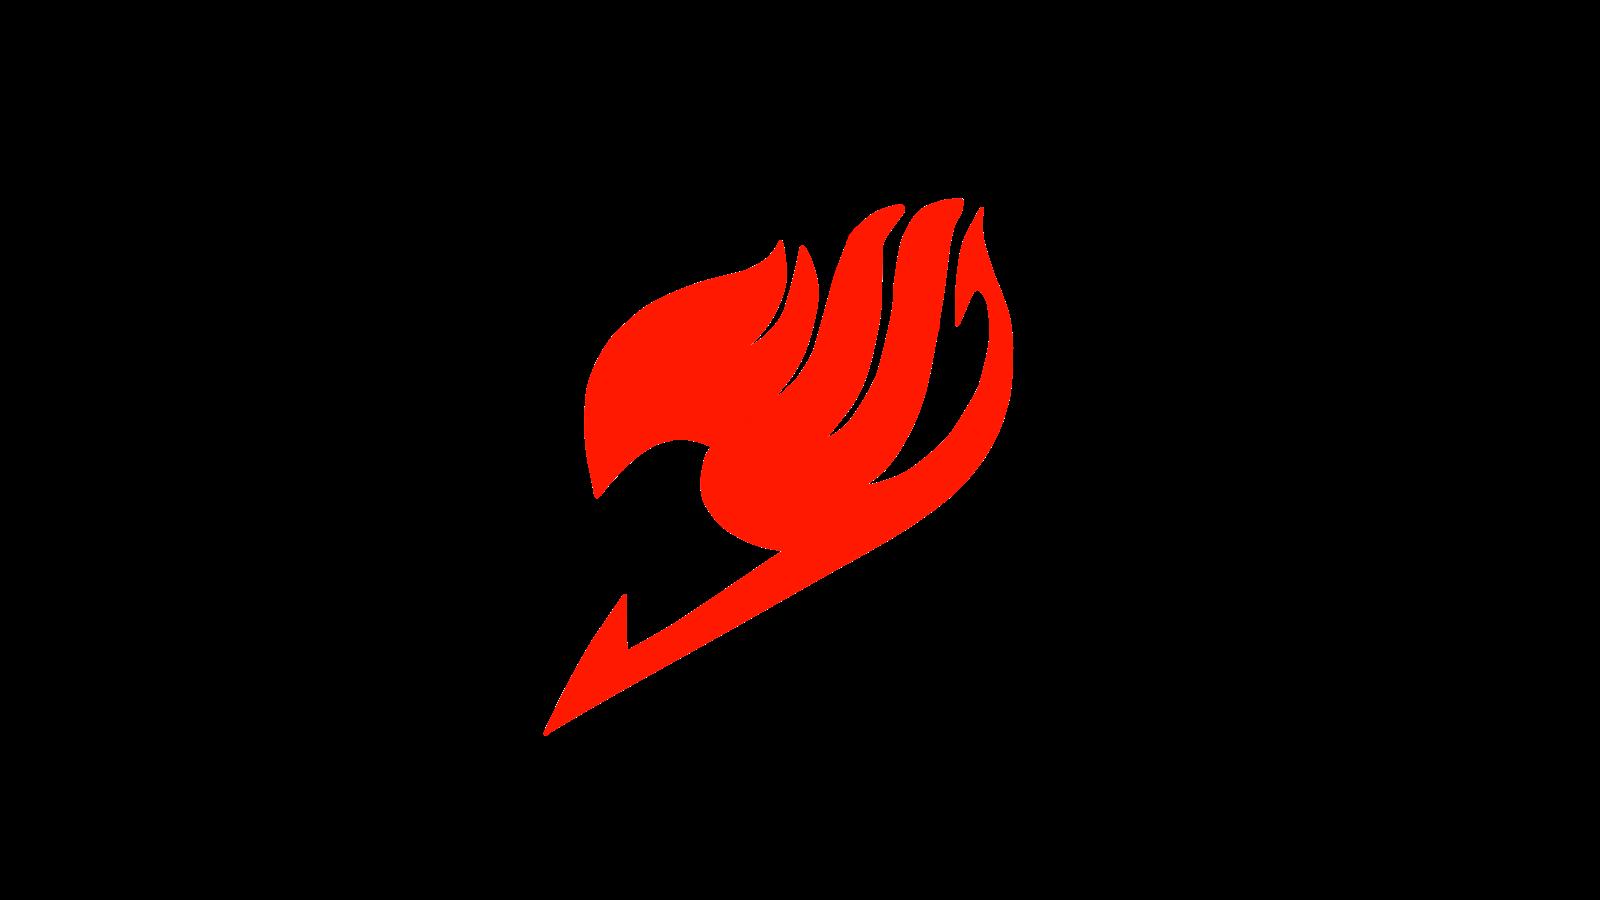 Fairy Tail Wallpaper Logo - WallpaperSafari